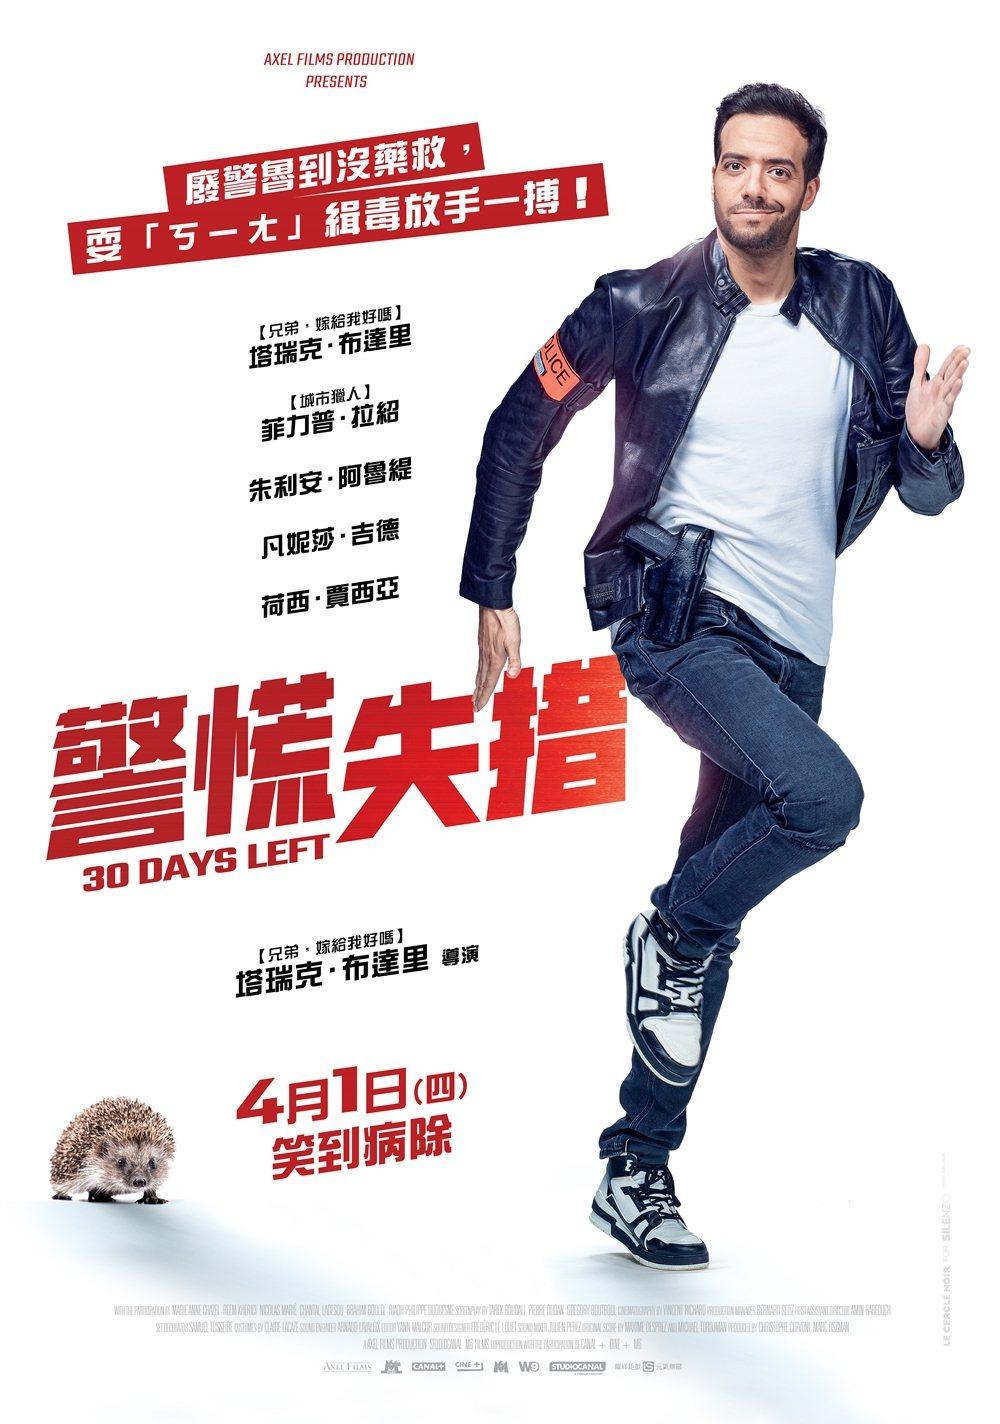 《警慌失措》中文版海報。龍祥提供